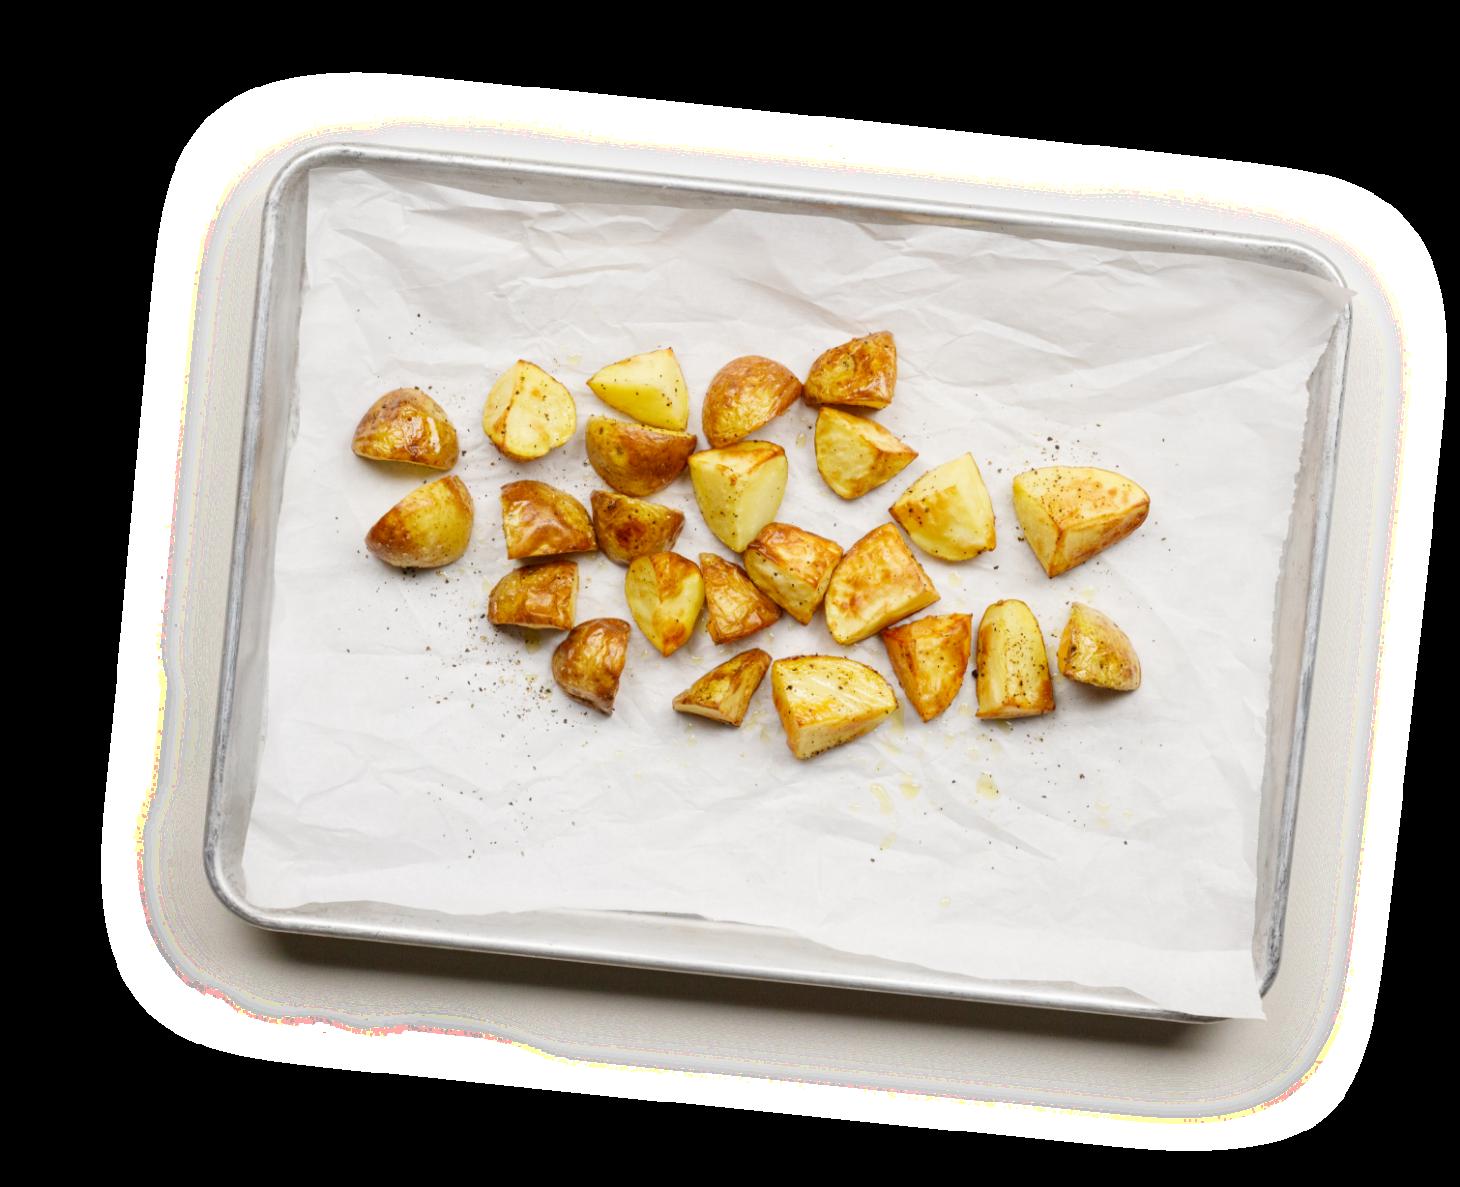 Seasoned potatoes on a sheet pan